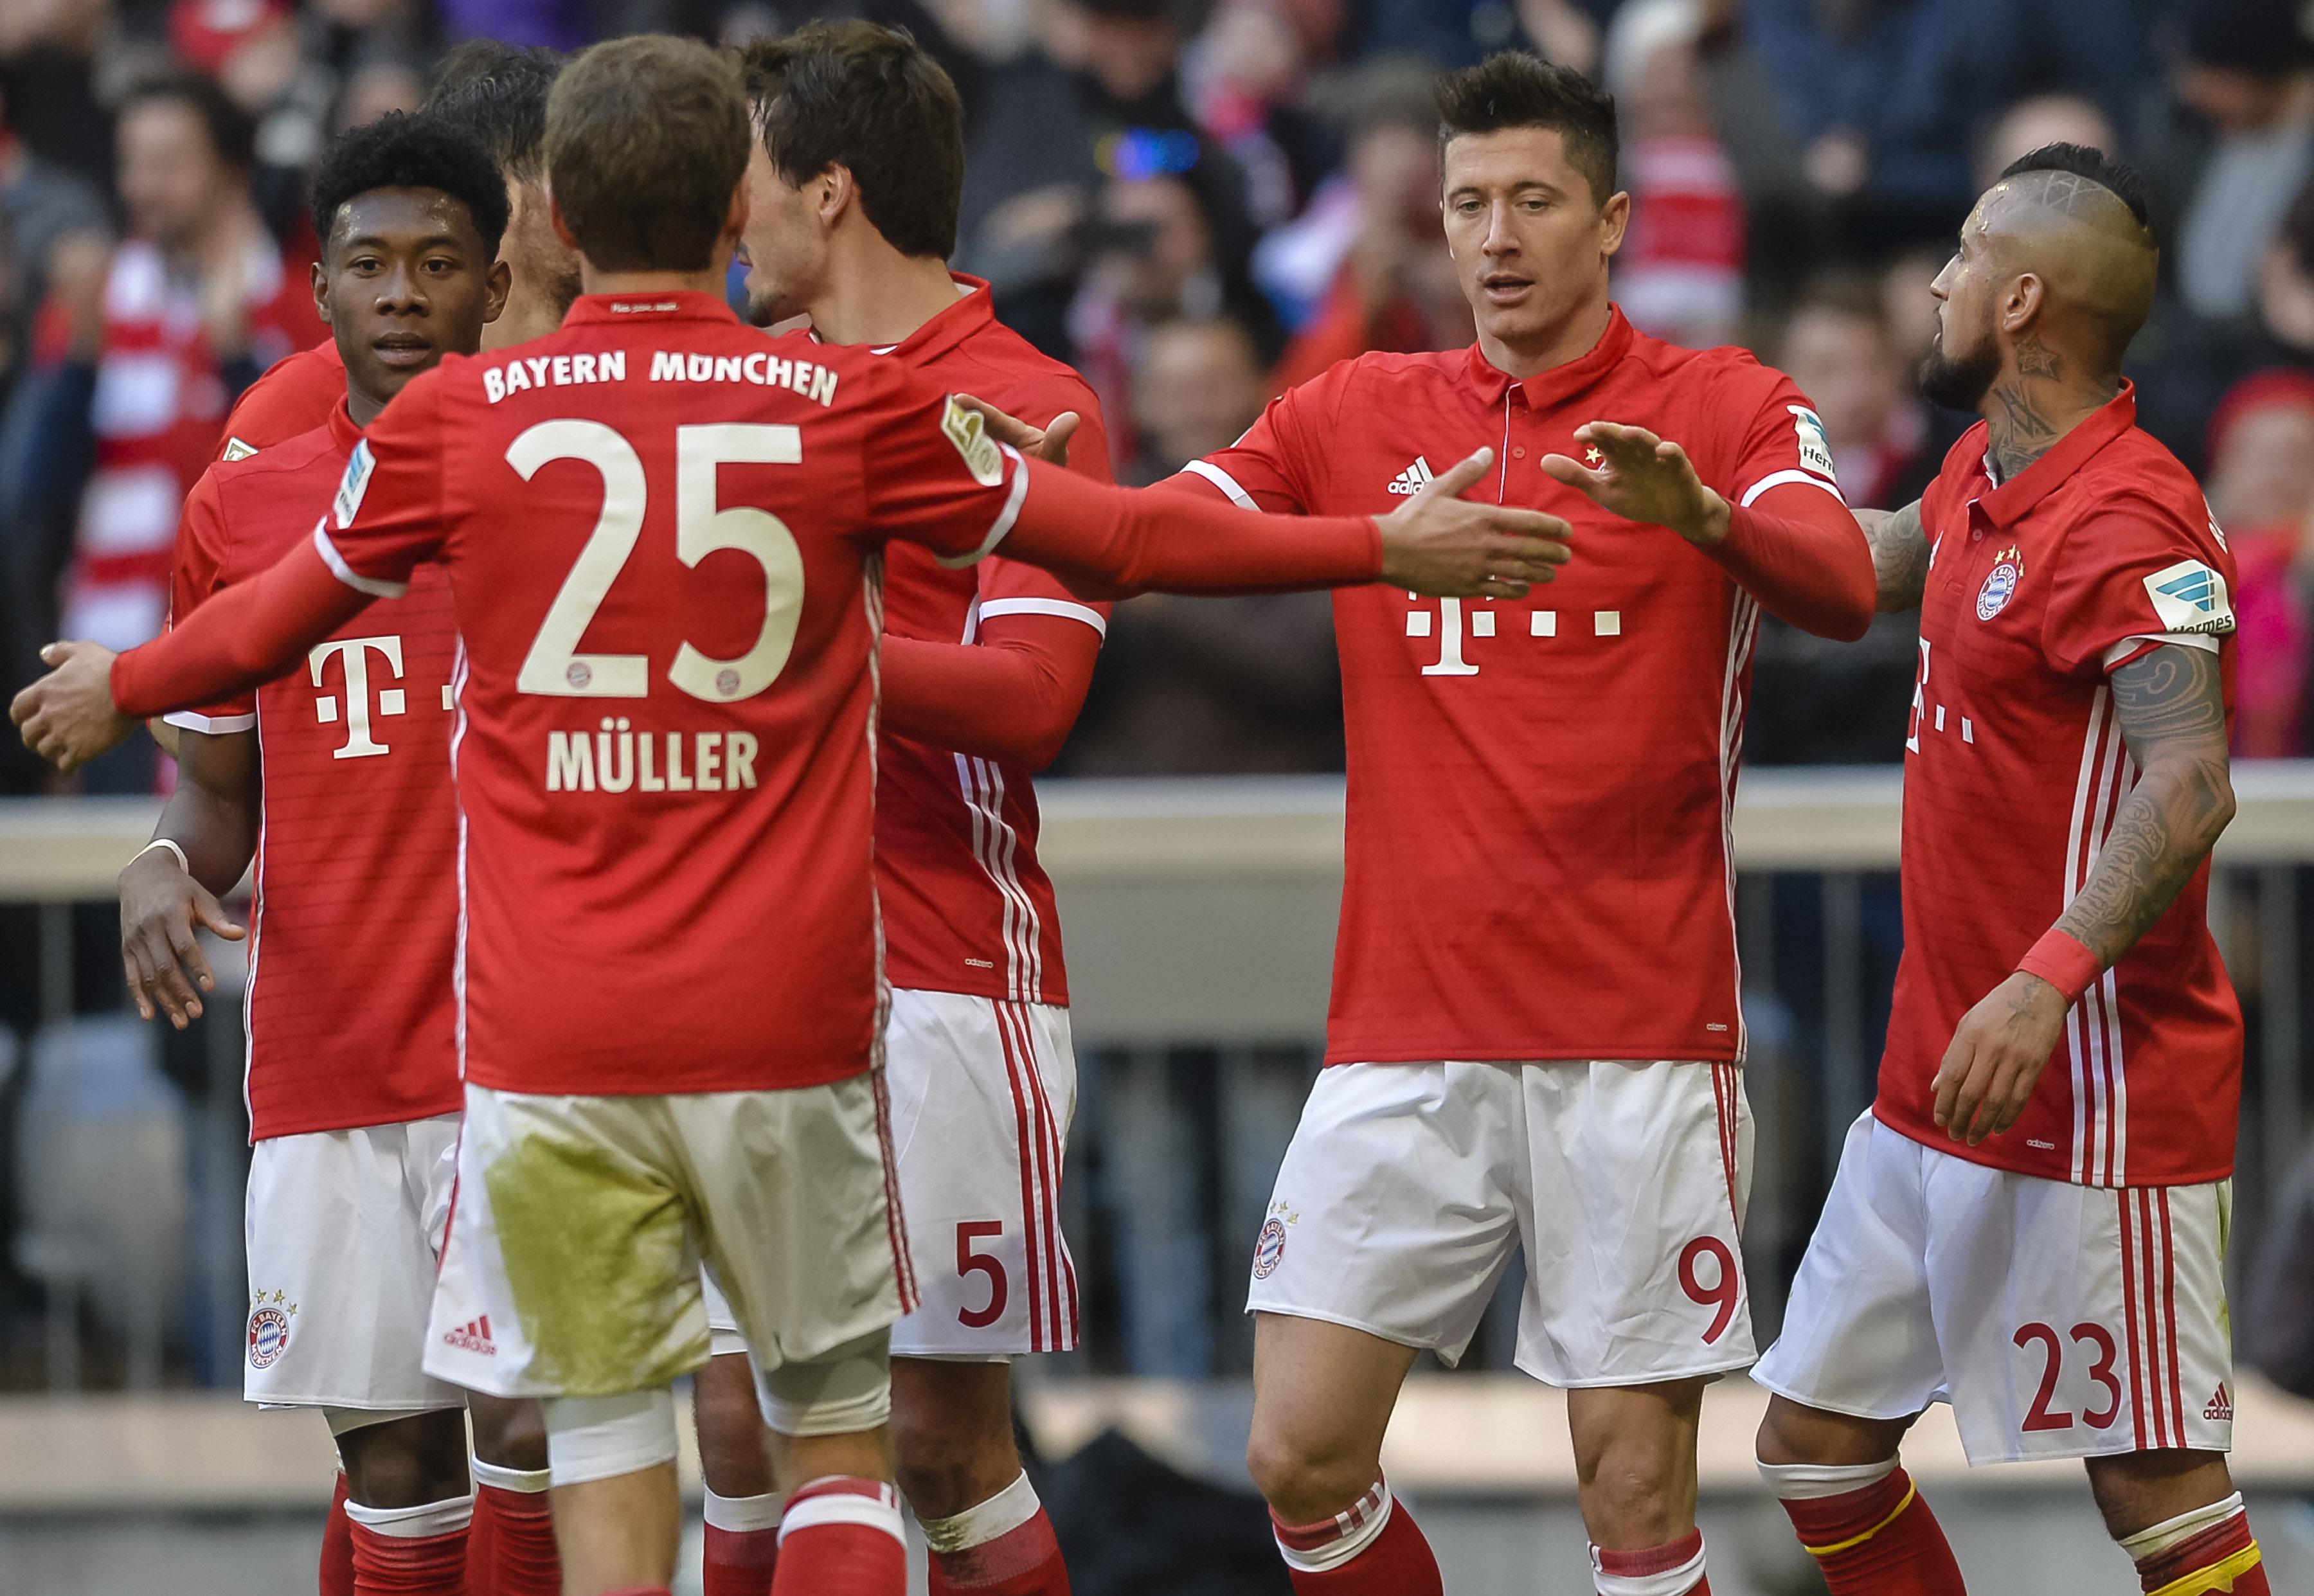 El Bayern se afianza en el liderato goleando al Hamburgo (8-0)